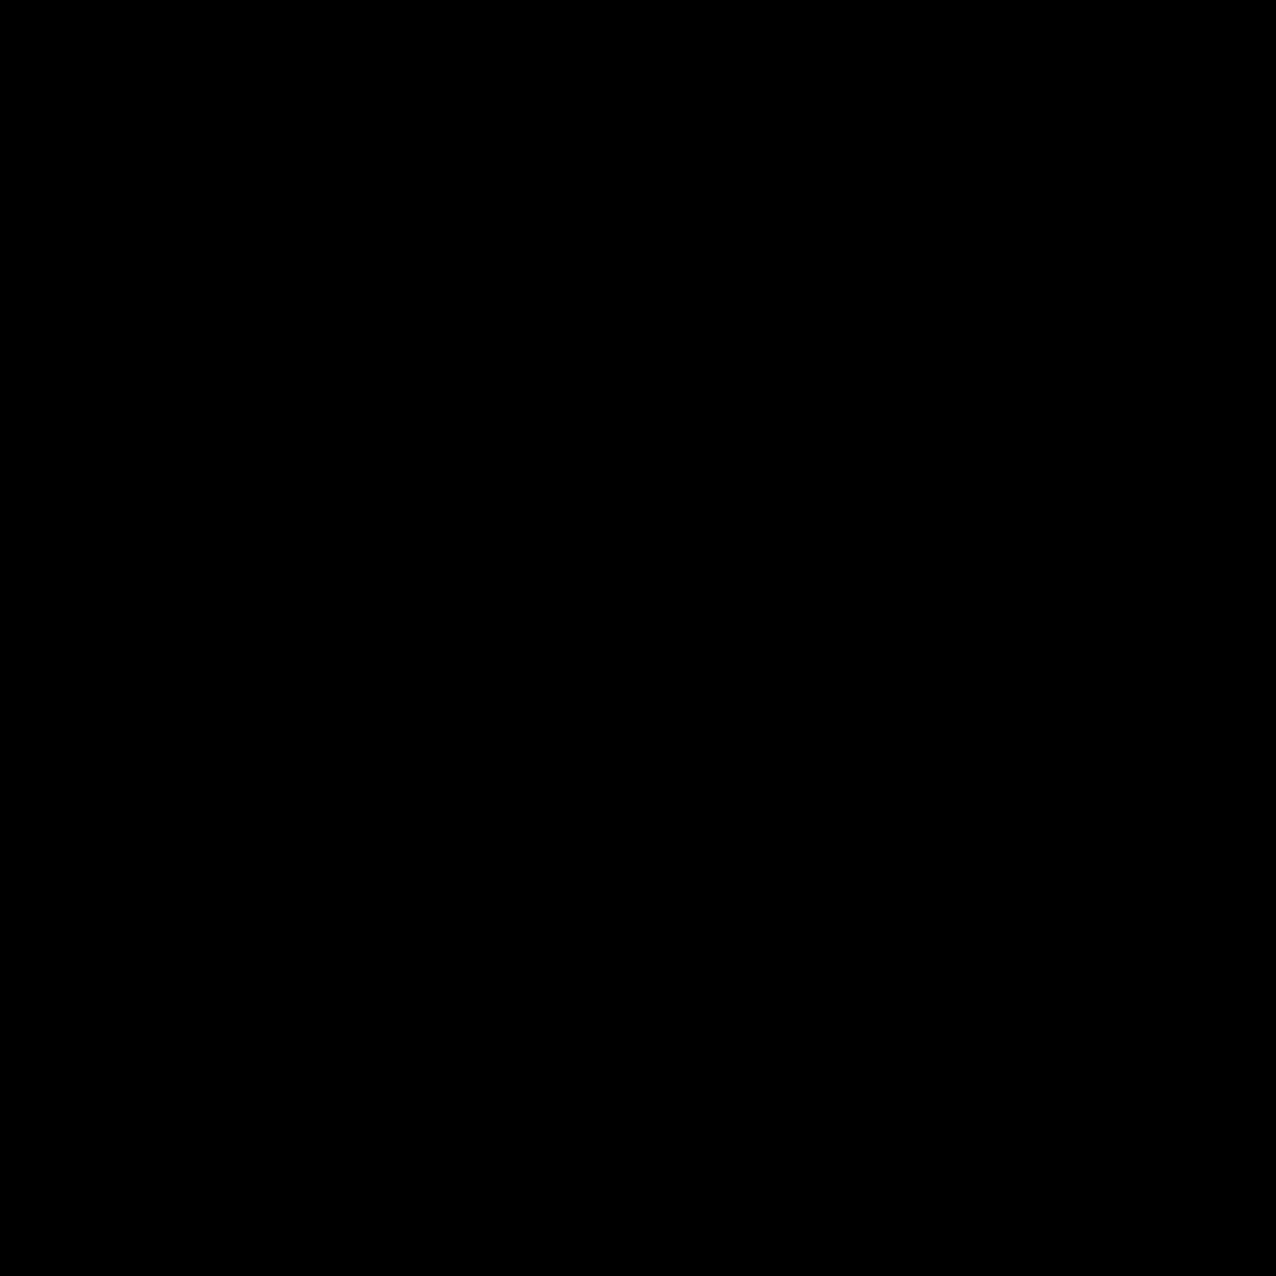 女性のシルエット画像